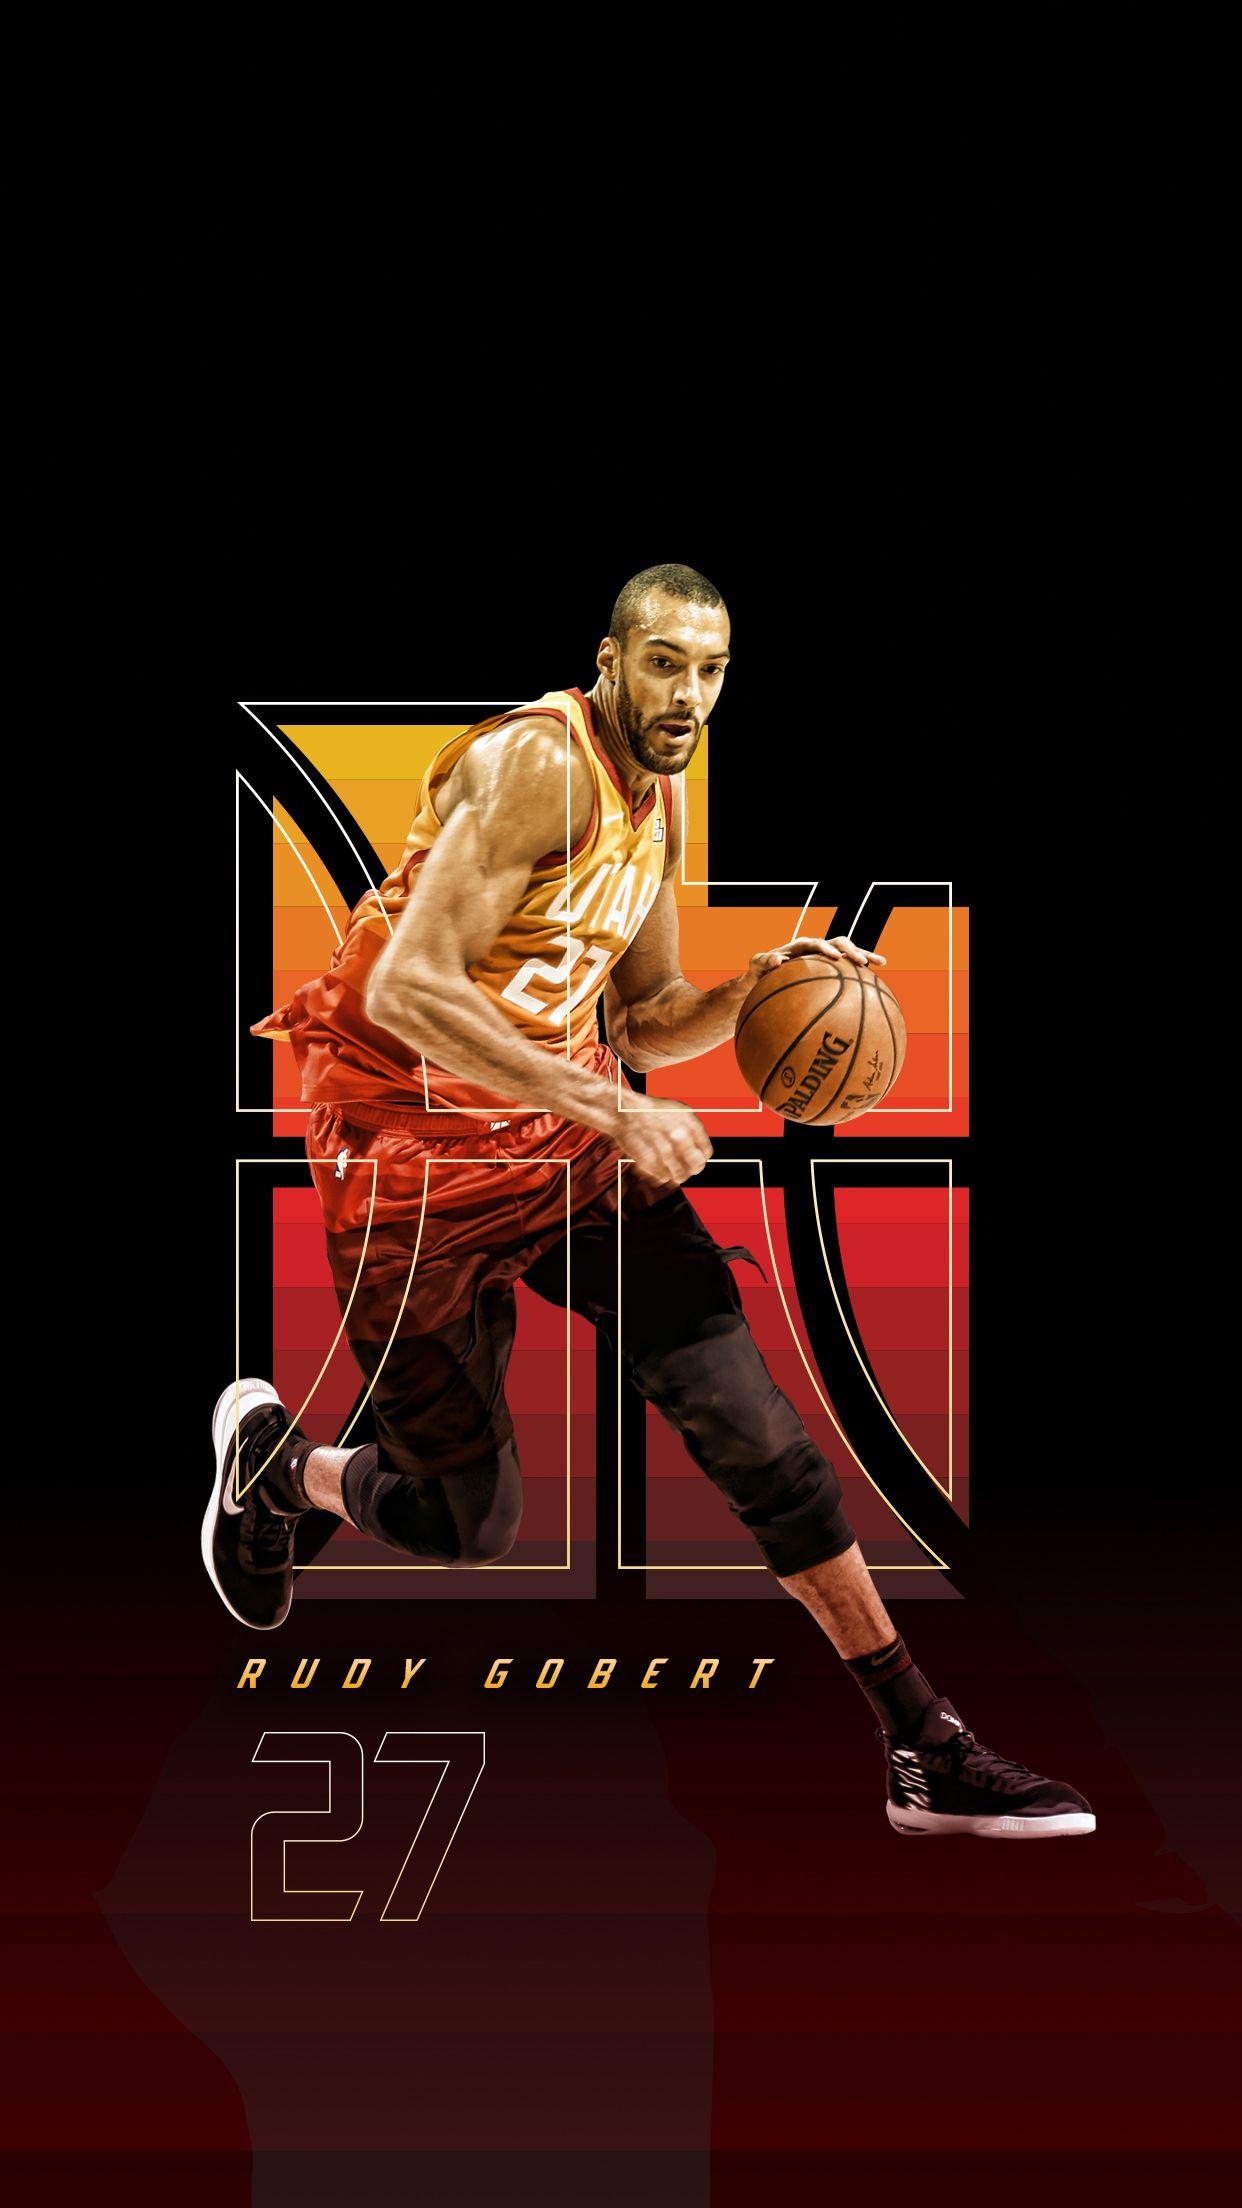 Épinglé par Mohand sur NBA PLAYER